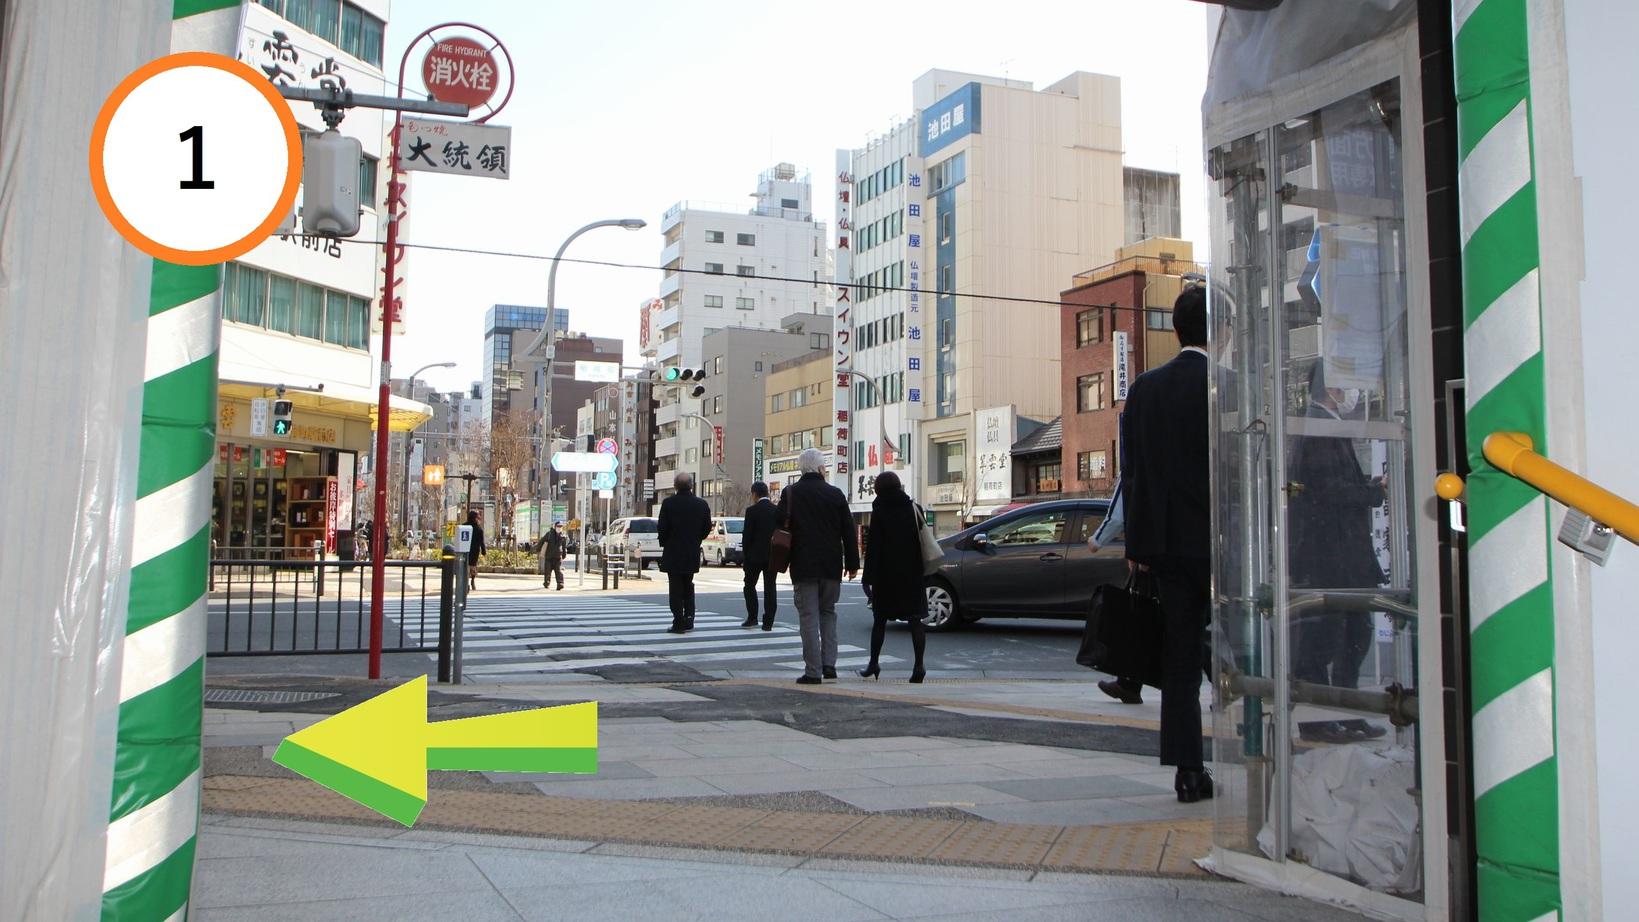 【道案内】稲荷町駅3番出口から(1)